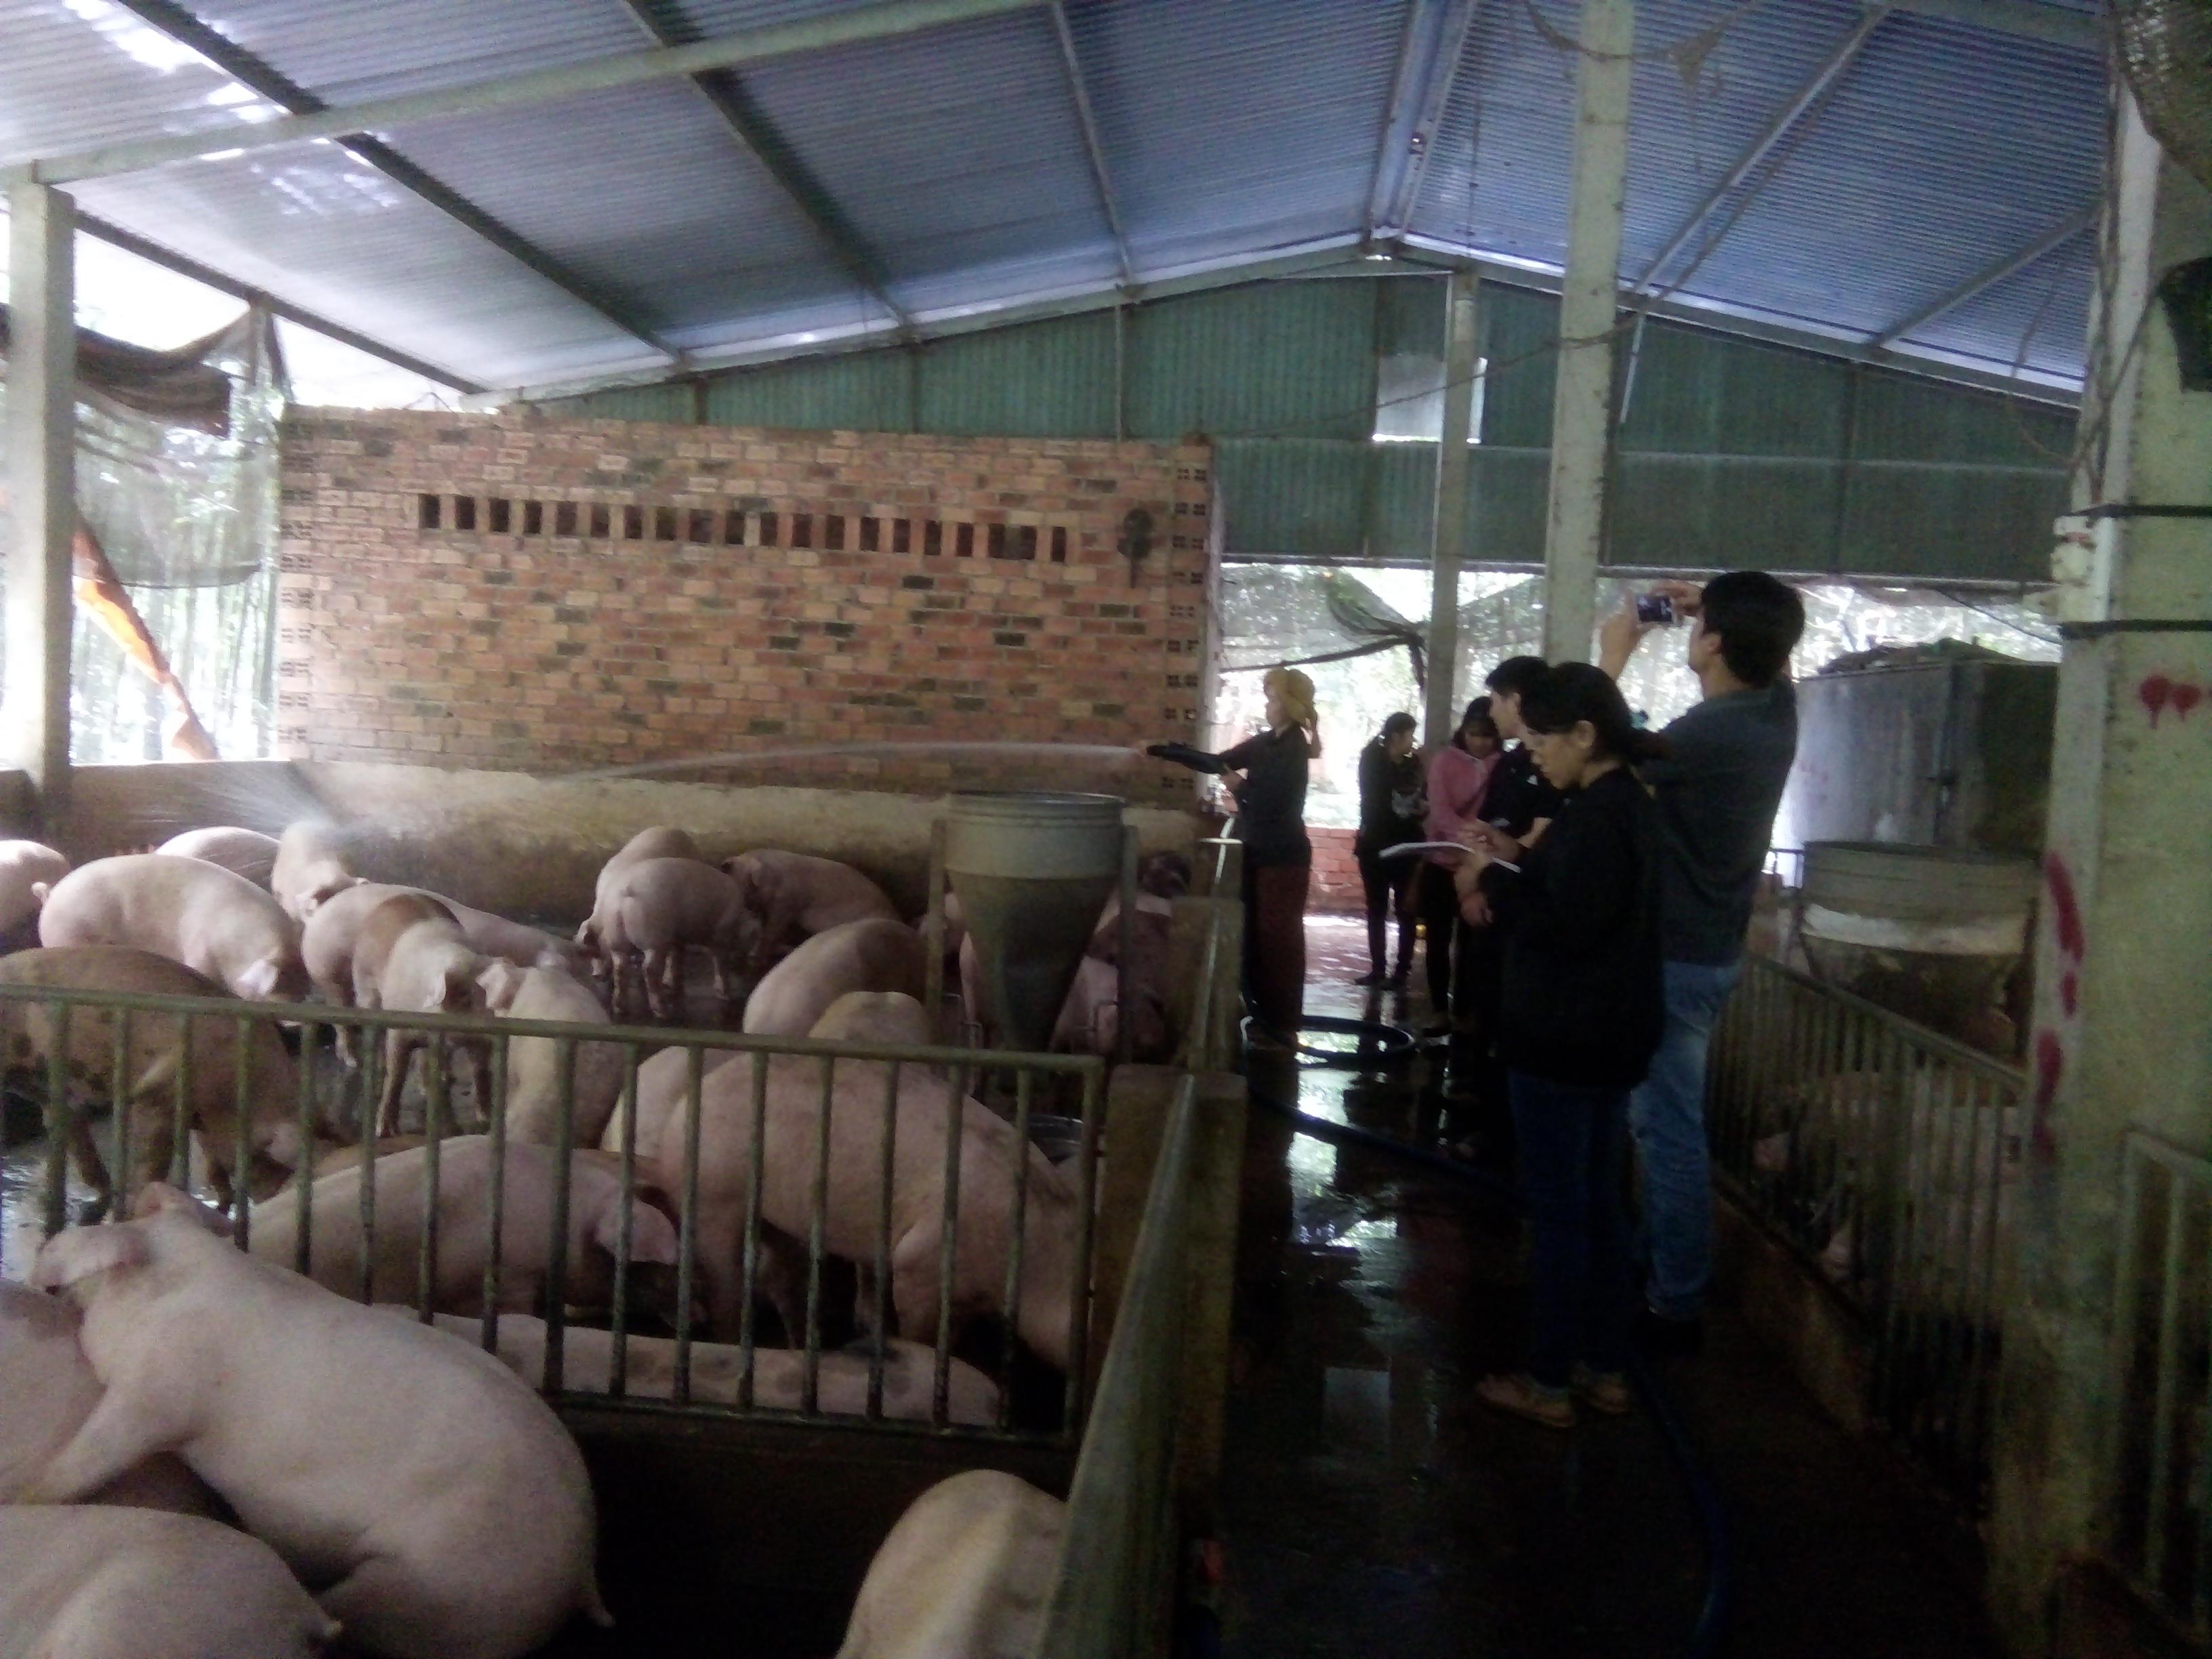 Hà Nội: Nâng cao chất lượng phong trào Nông dân sản xuất kinh doanh giỏi thông qua các hoạt động dịch vụ, hỗ trợ nông dân